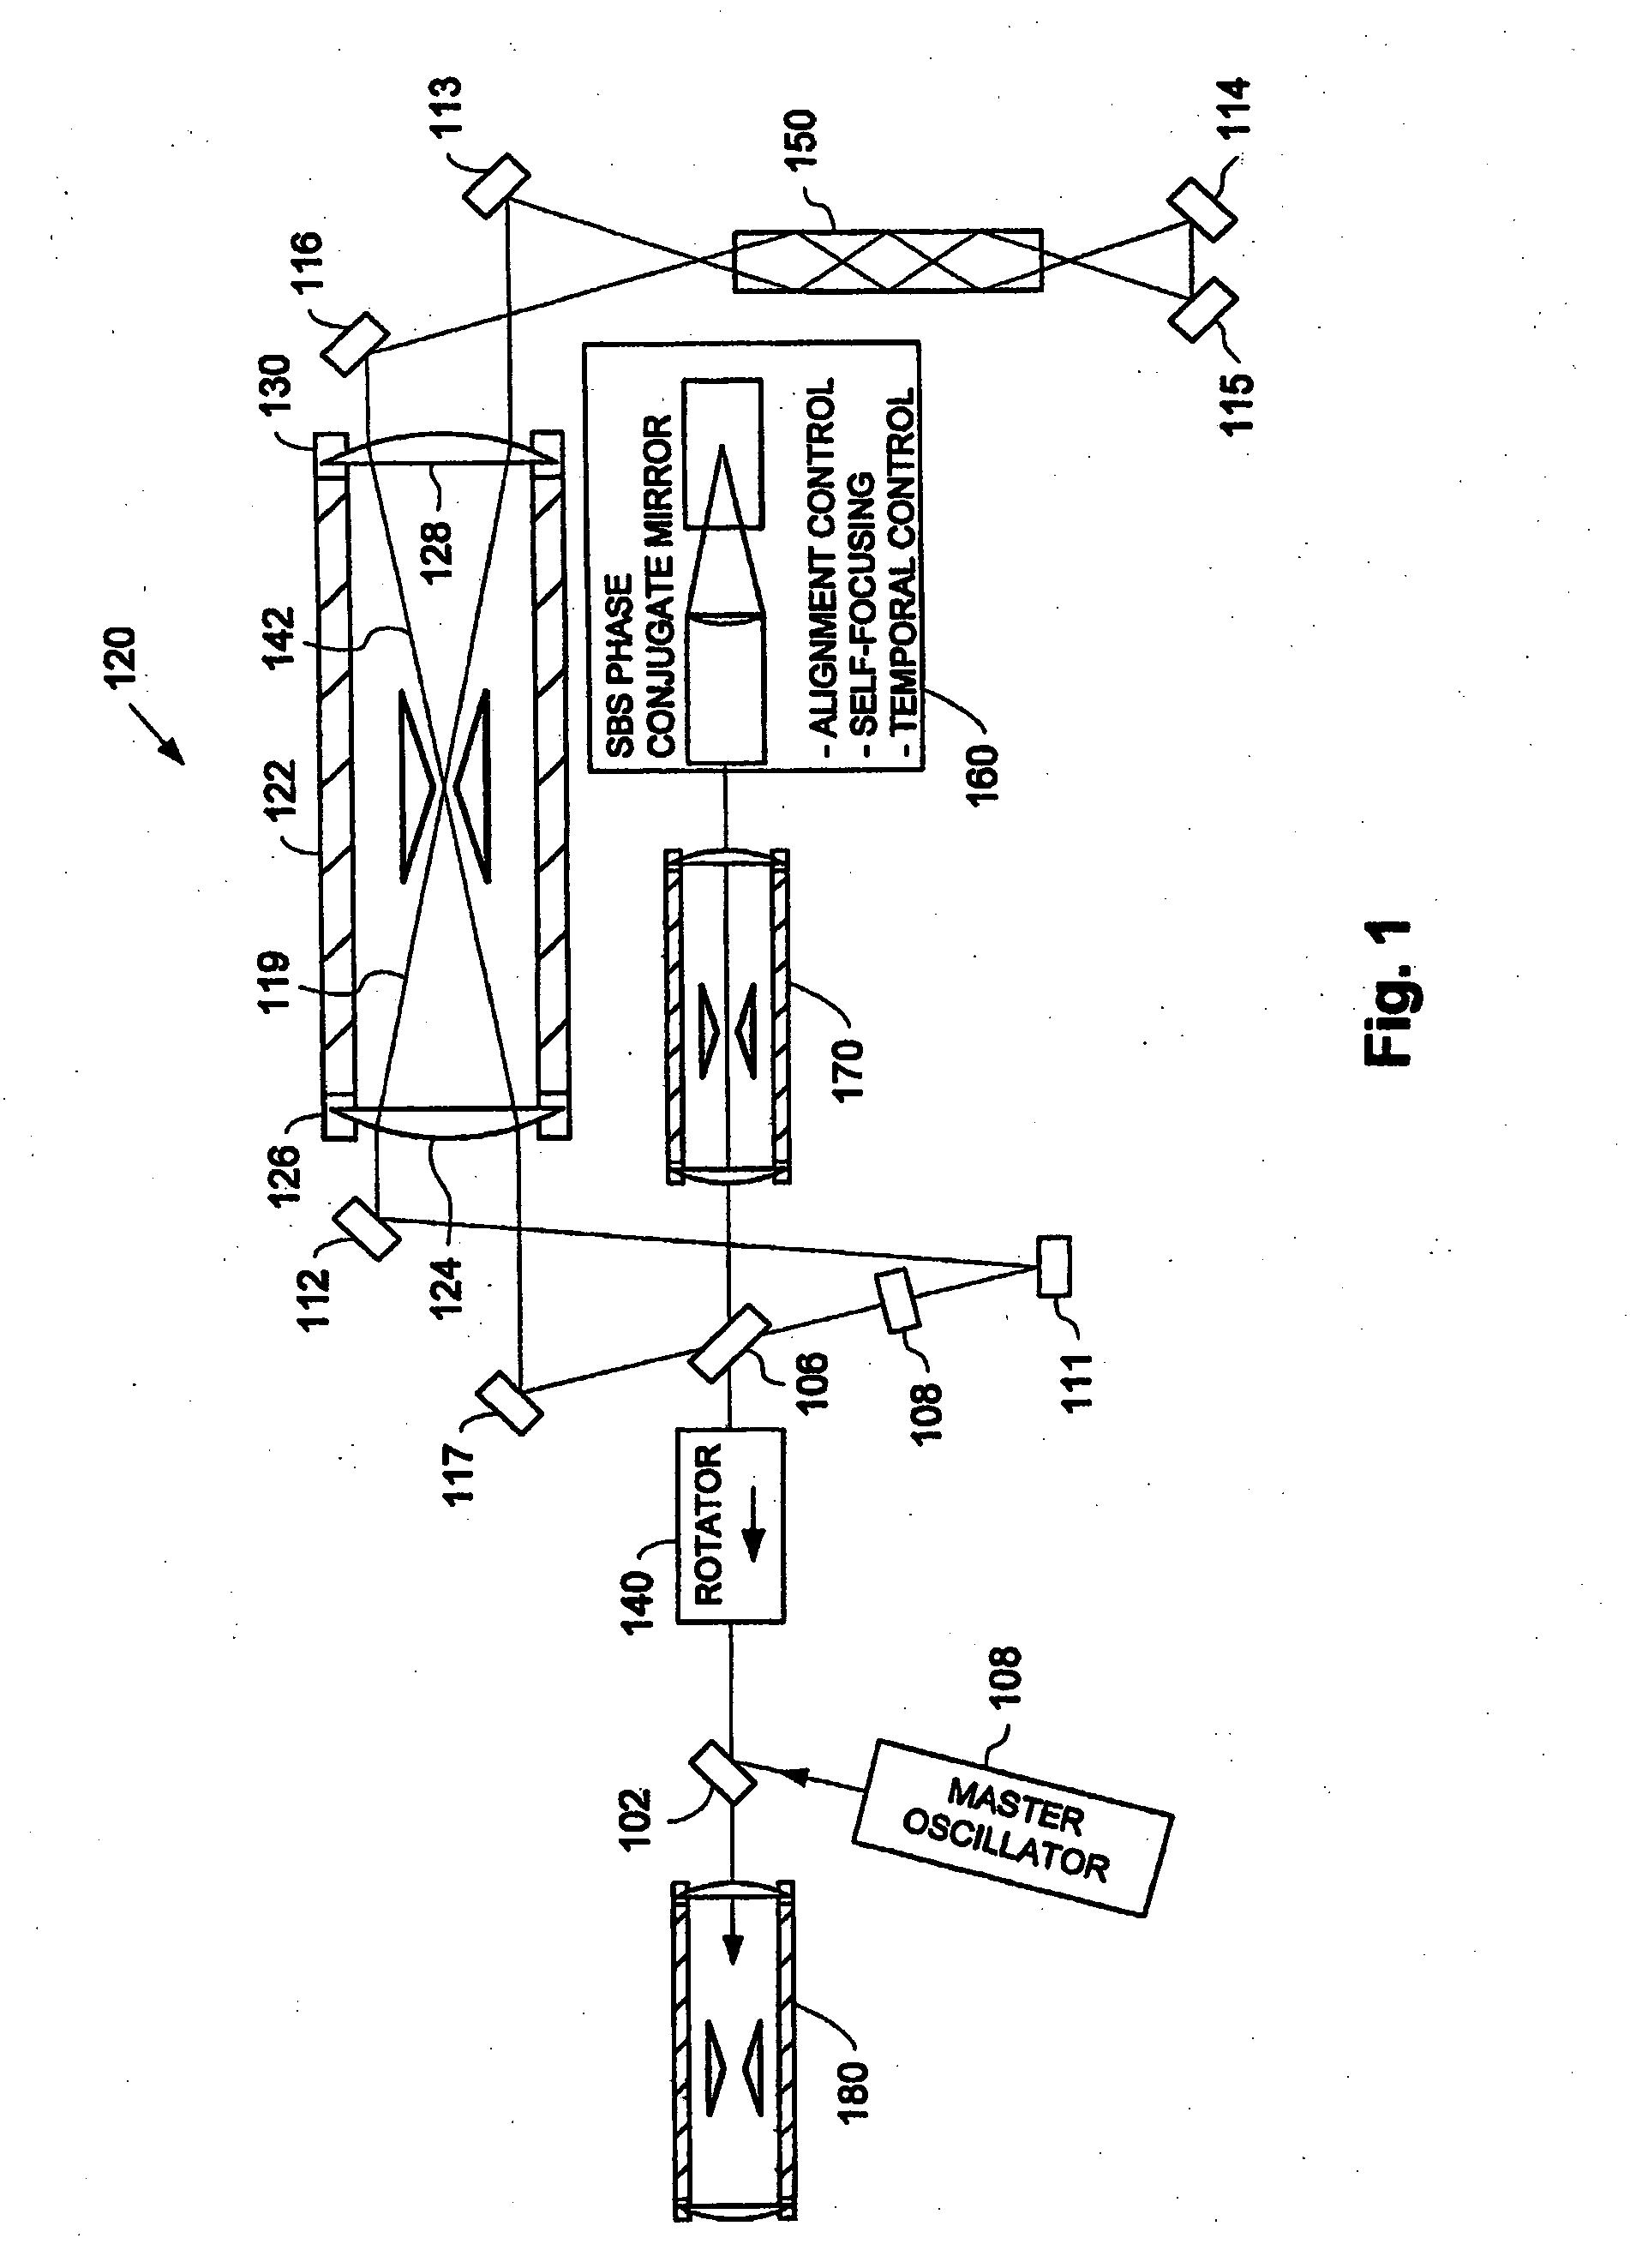 2007 Dodge Ram Power Seat Wiring Diagram Free About Wiring Diagram